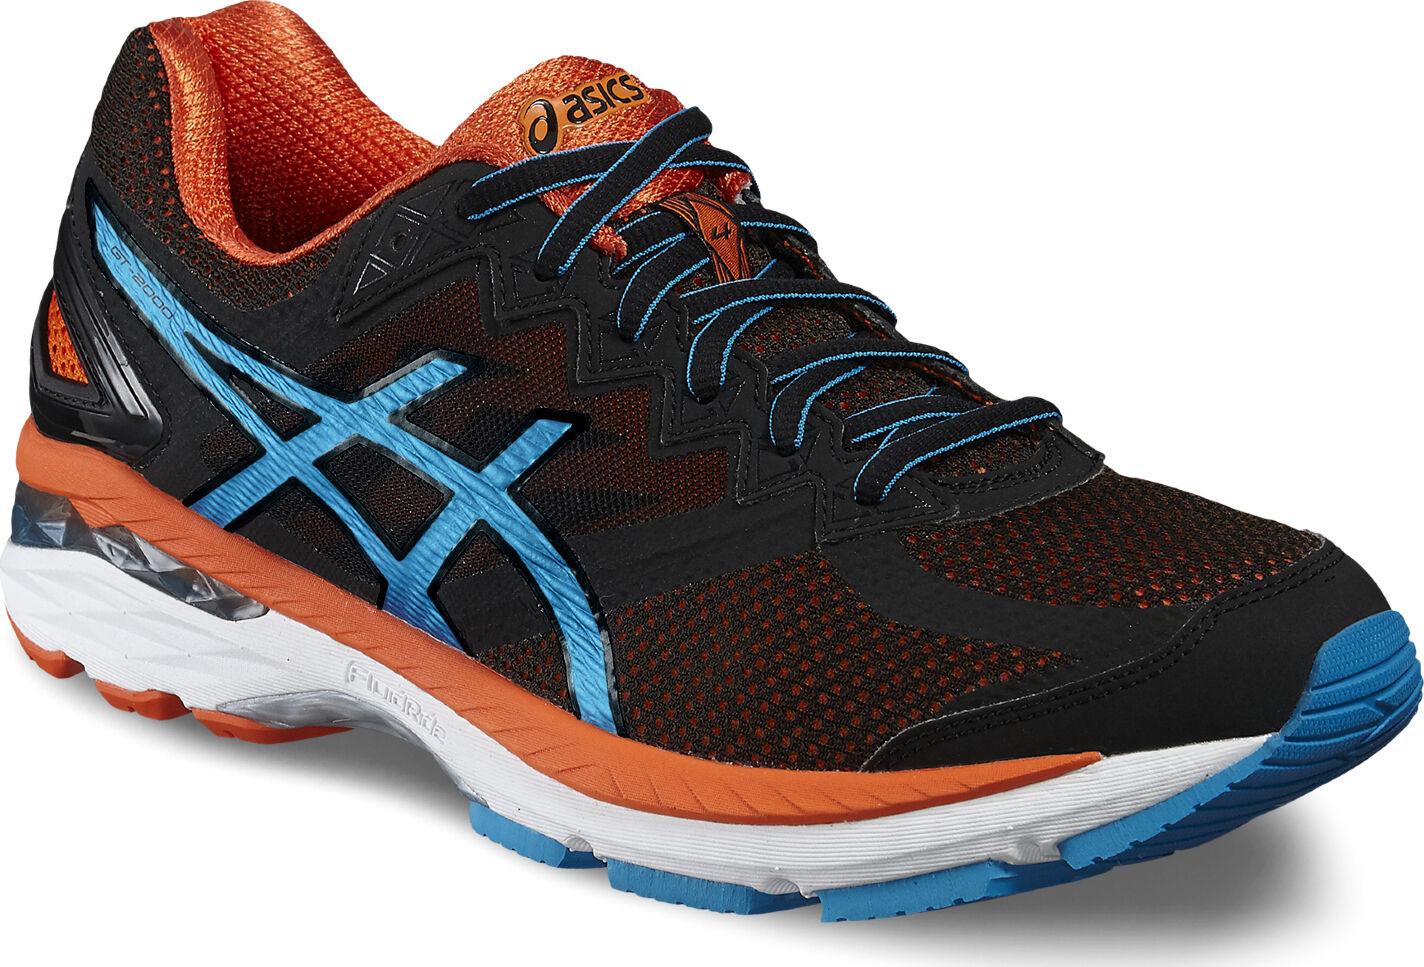 Asics Men's  GT 2000 4 trainer shoes running jogging 5k10k 1 2   marathon runs